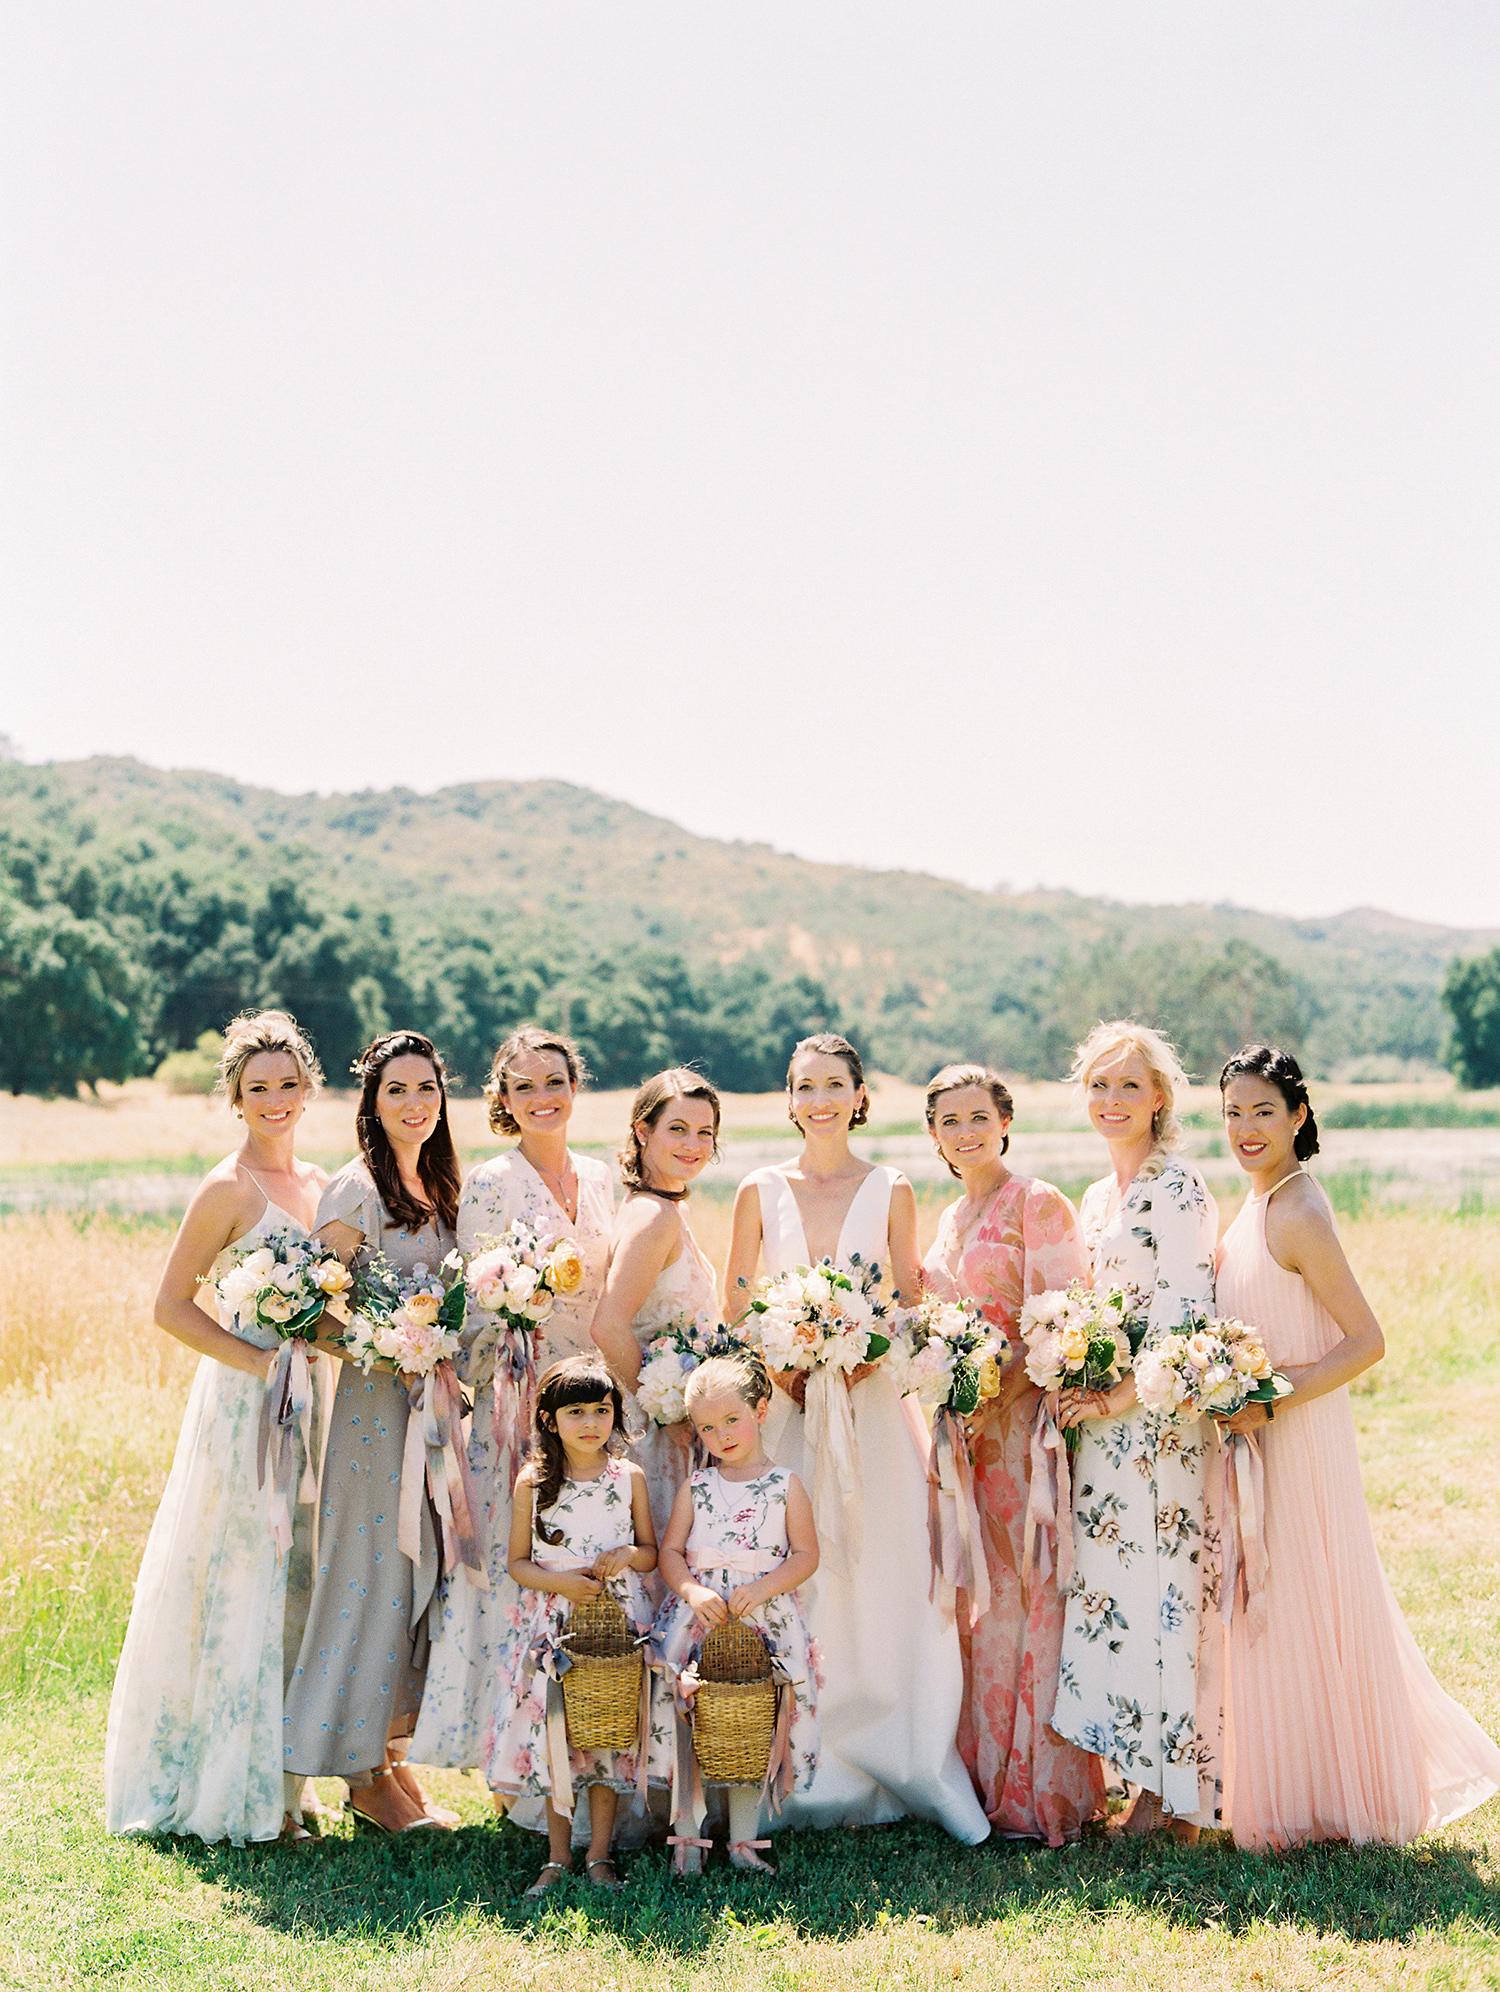 caitlin amit wedding bride with bridesmaids